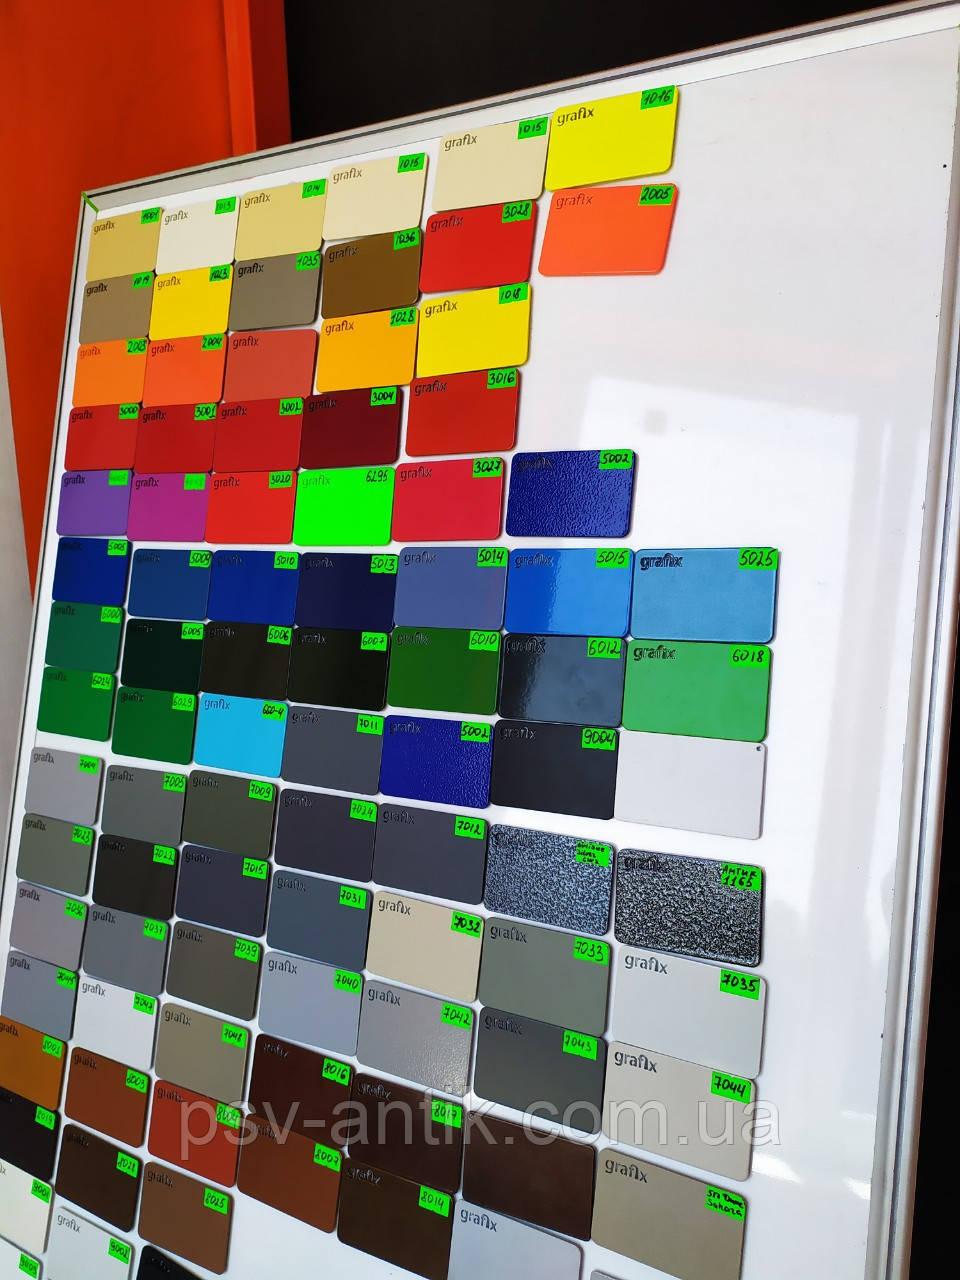 Порошковая краска структурная, полиэфирная, архитектурная, 5003